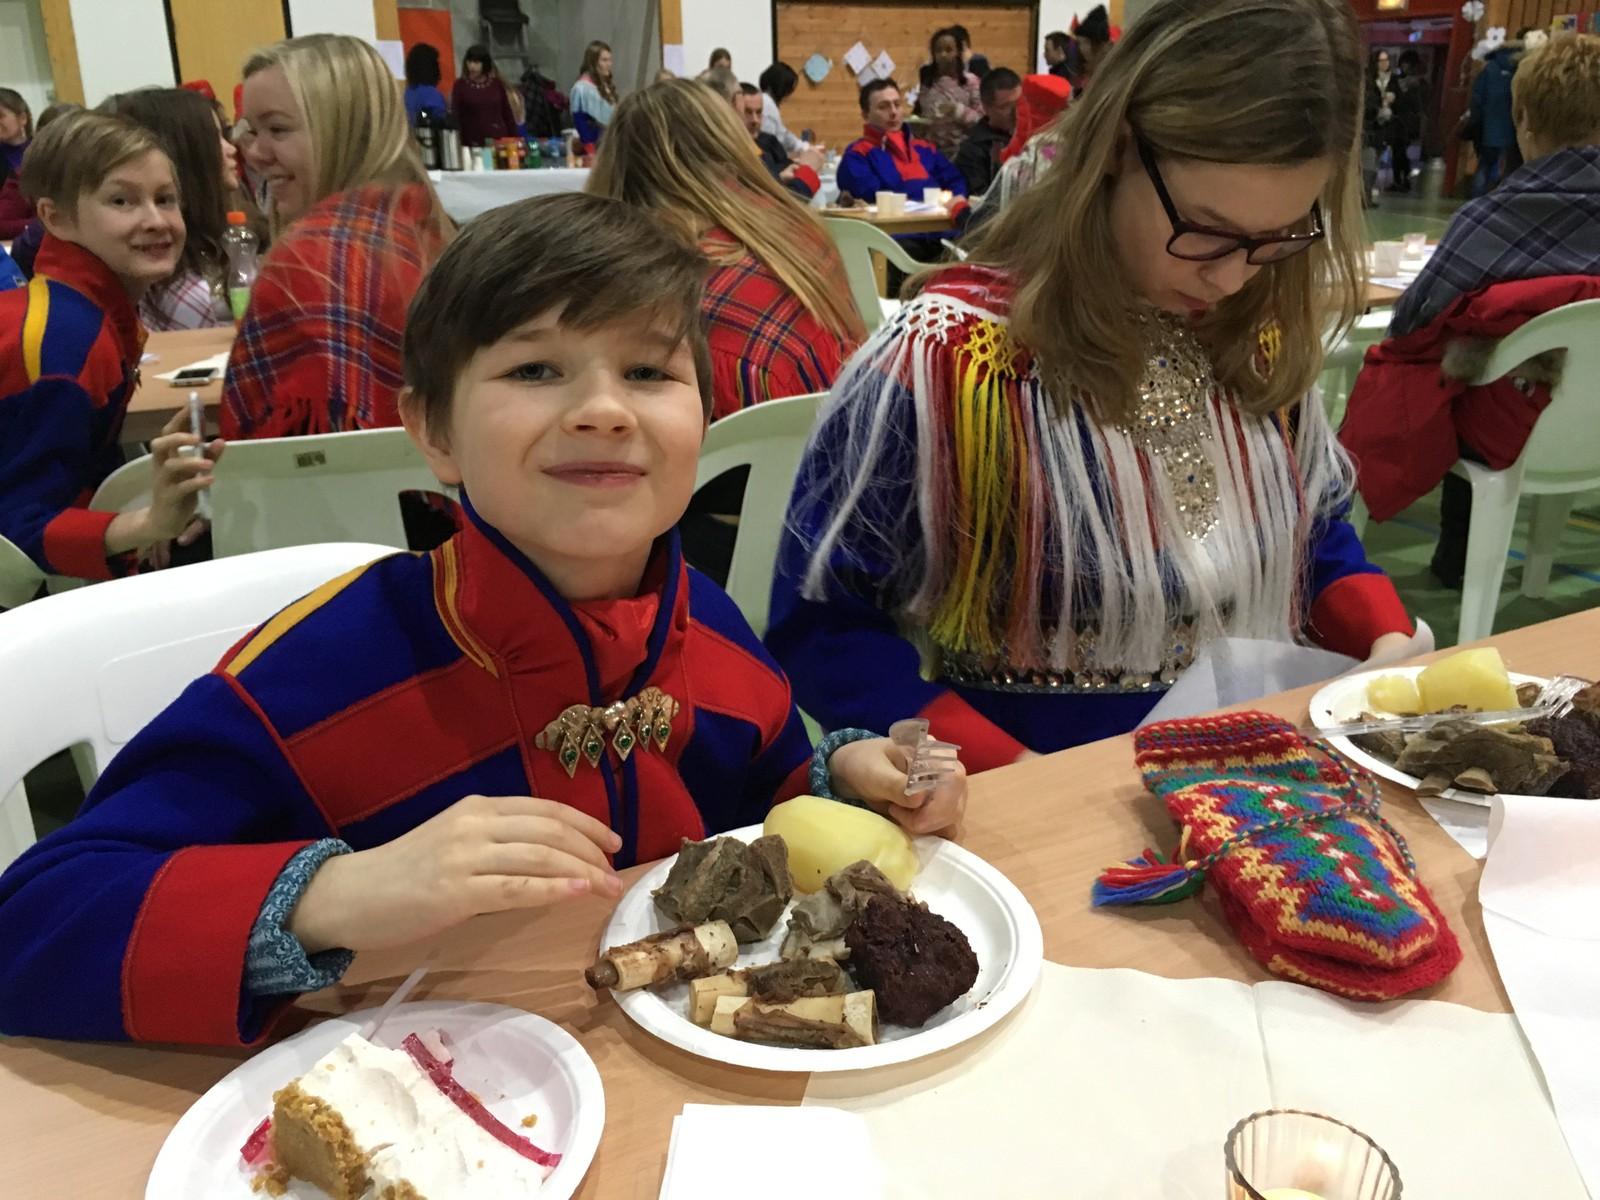 Under arrangementet som ble arrangert i idrettshallen i Karasjok ble det servert mye godt, blant annet gumpus. Jonas Mortelmans sammen med søsteren Tanja M. Mortelmans.